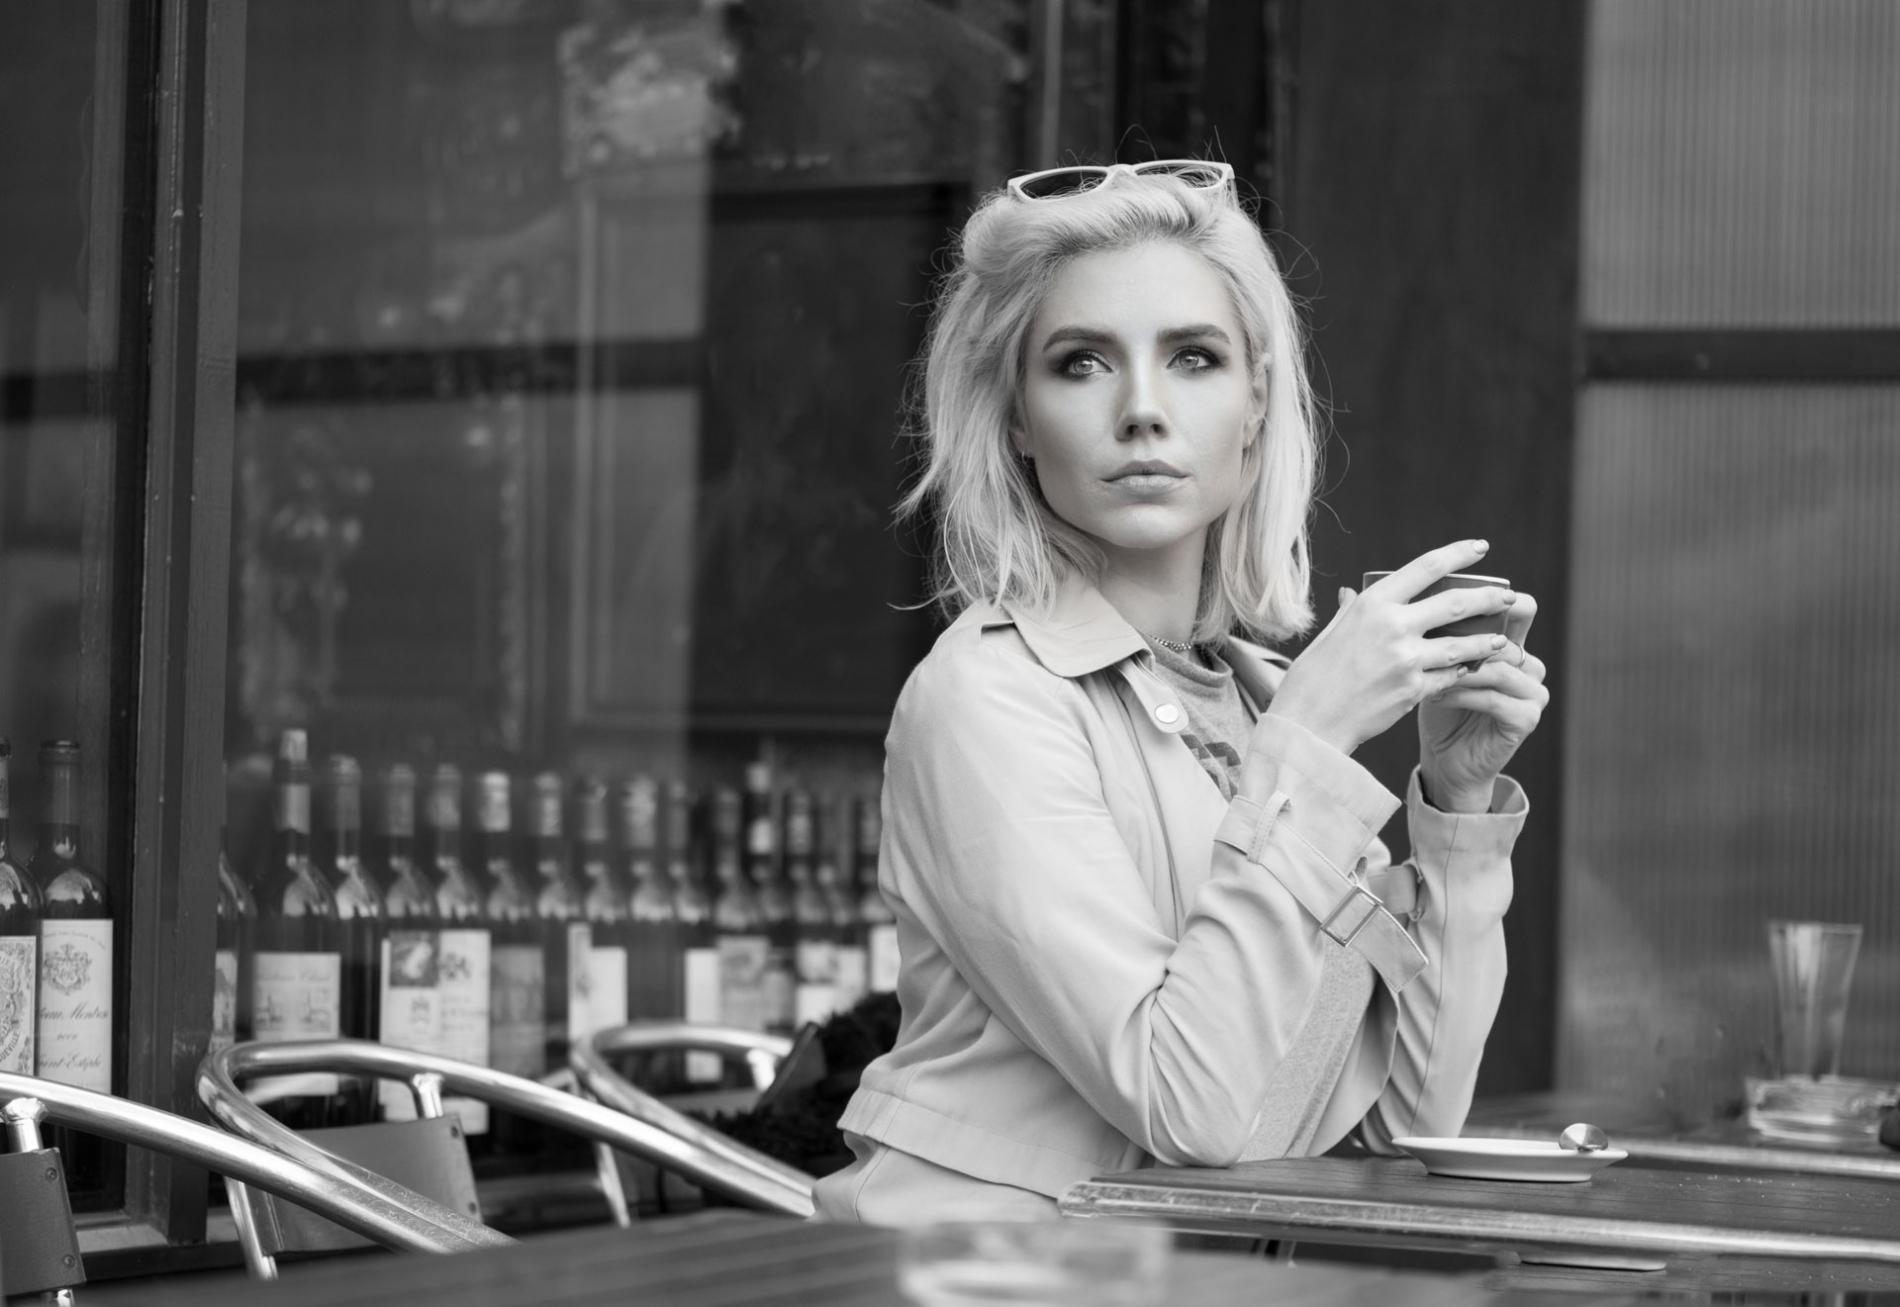 blonde-girl-in-cafe